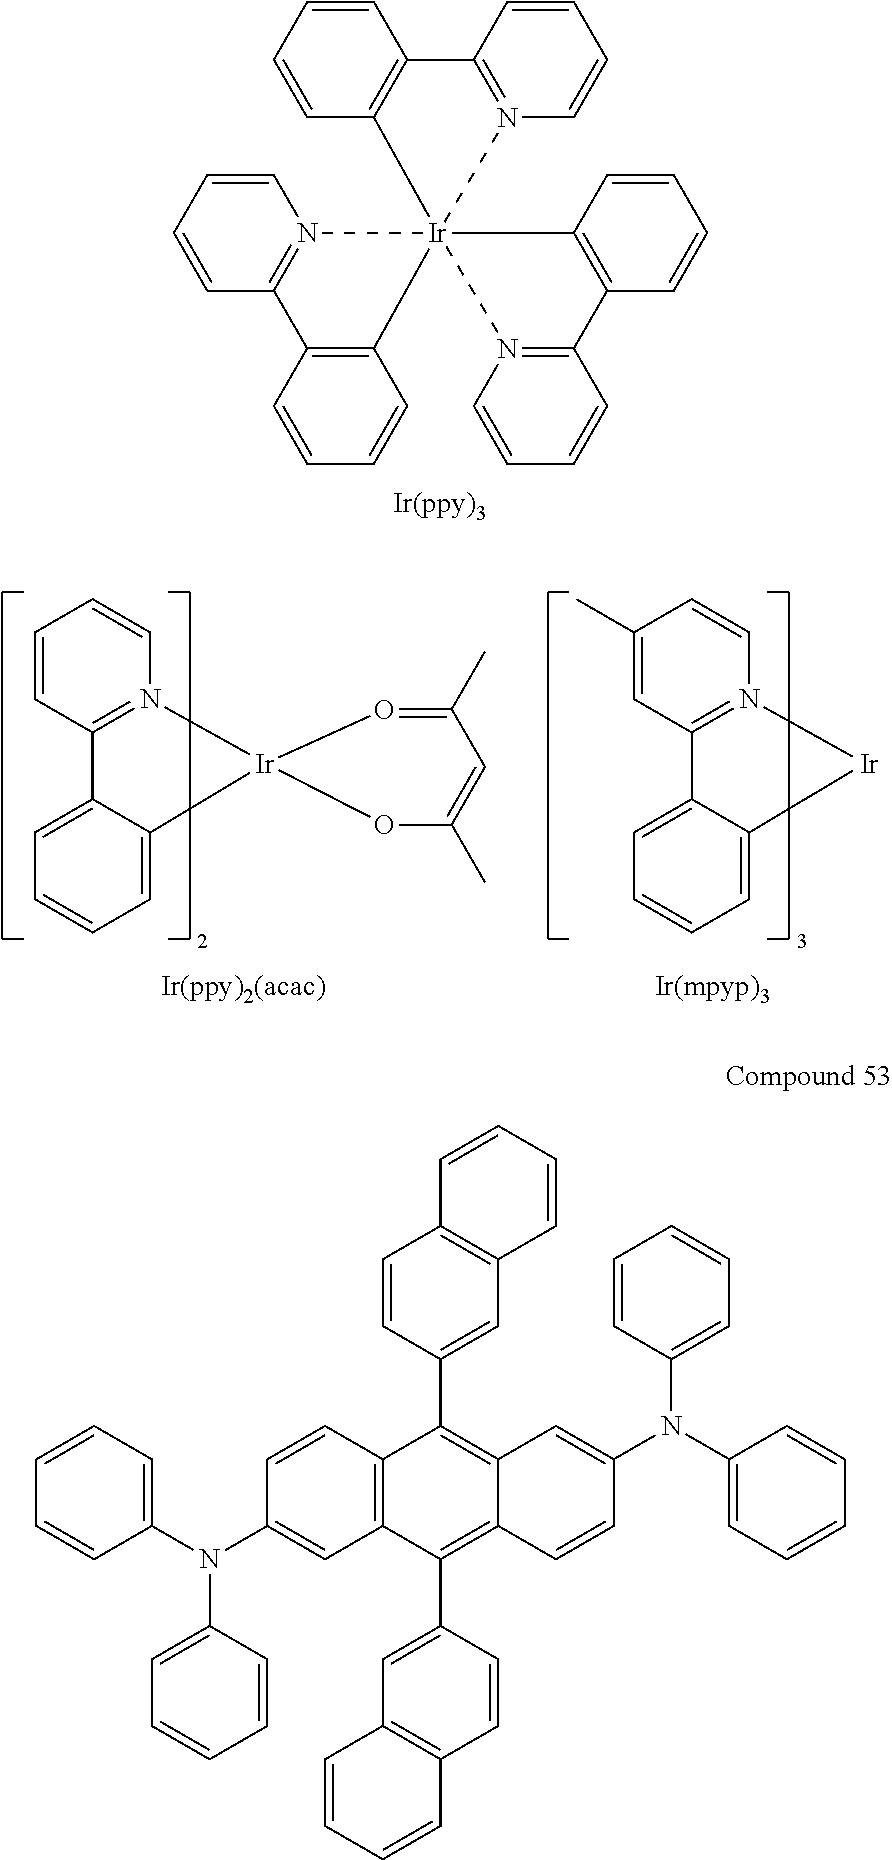 Figure US20110215308A1-20110908-C00018